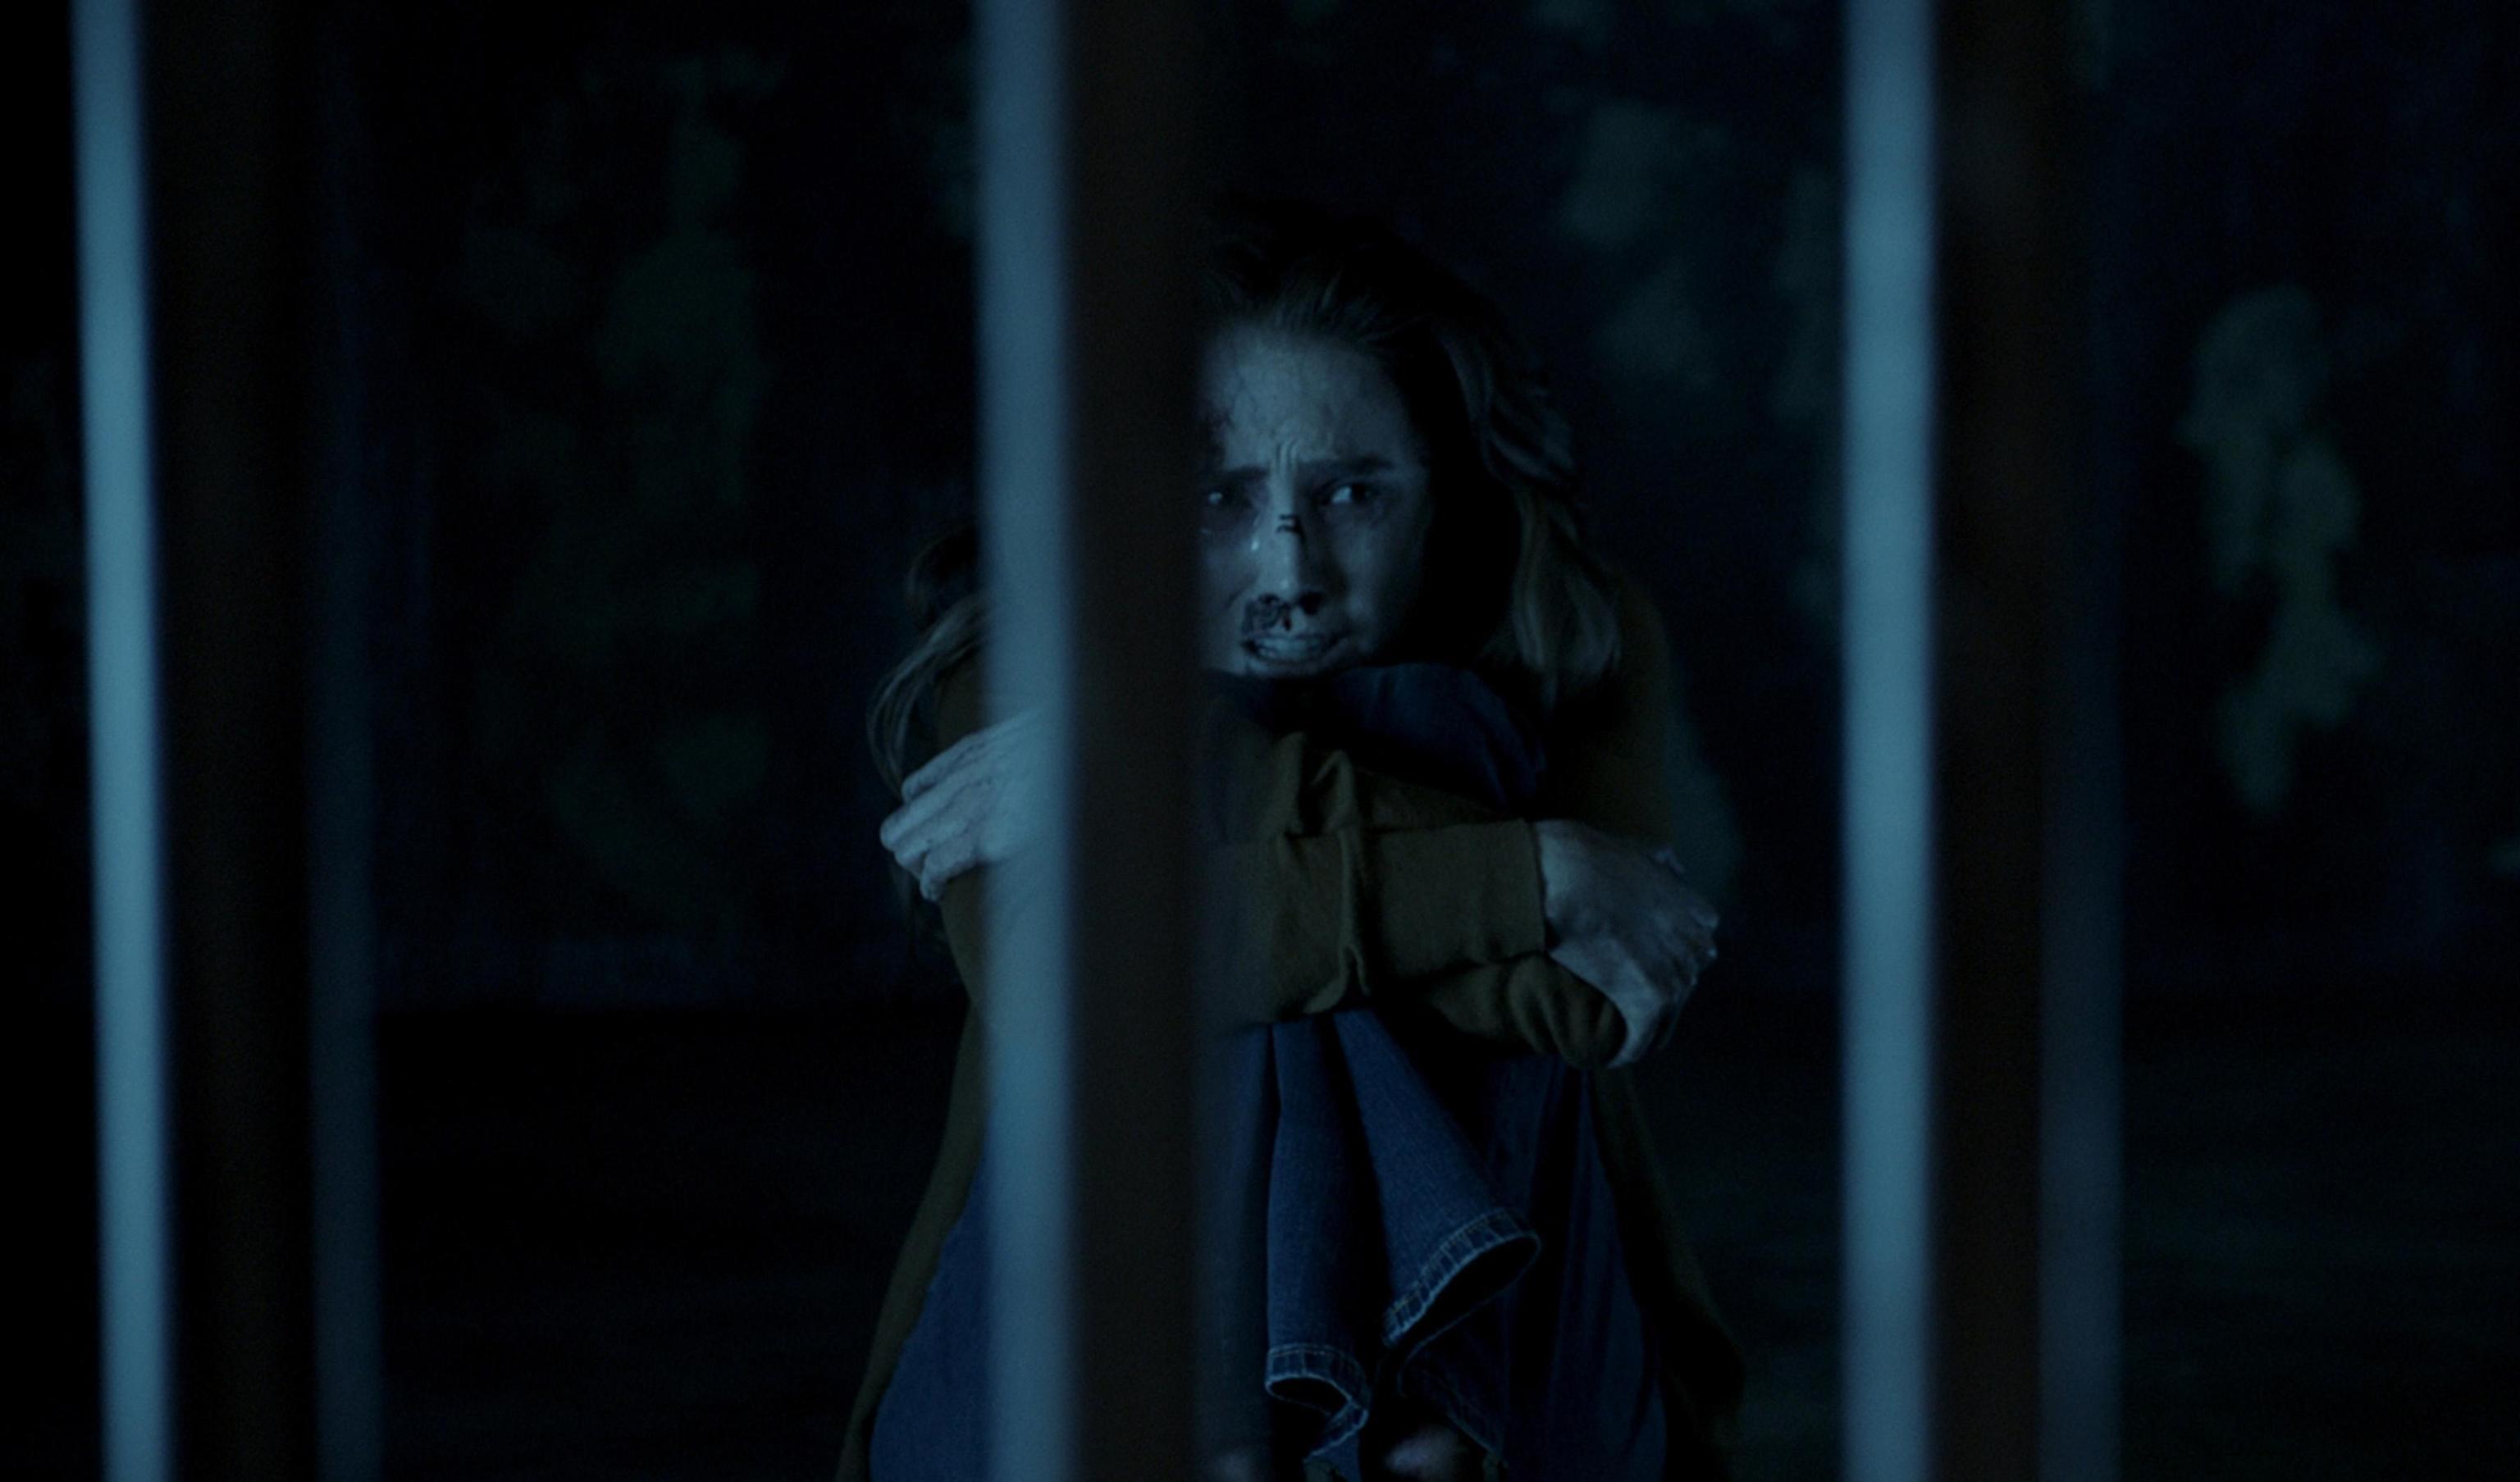 ANSA/ Cinema: Insidious 4, horror 2.0 con fantasmi